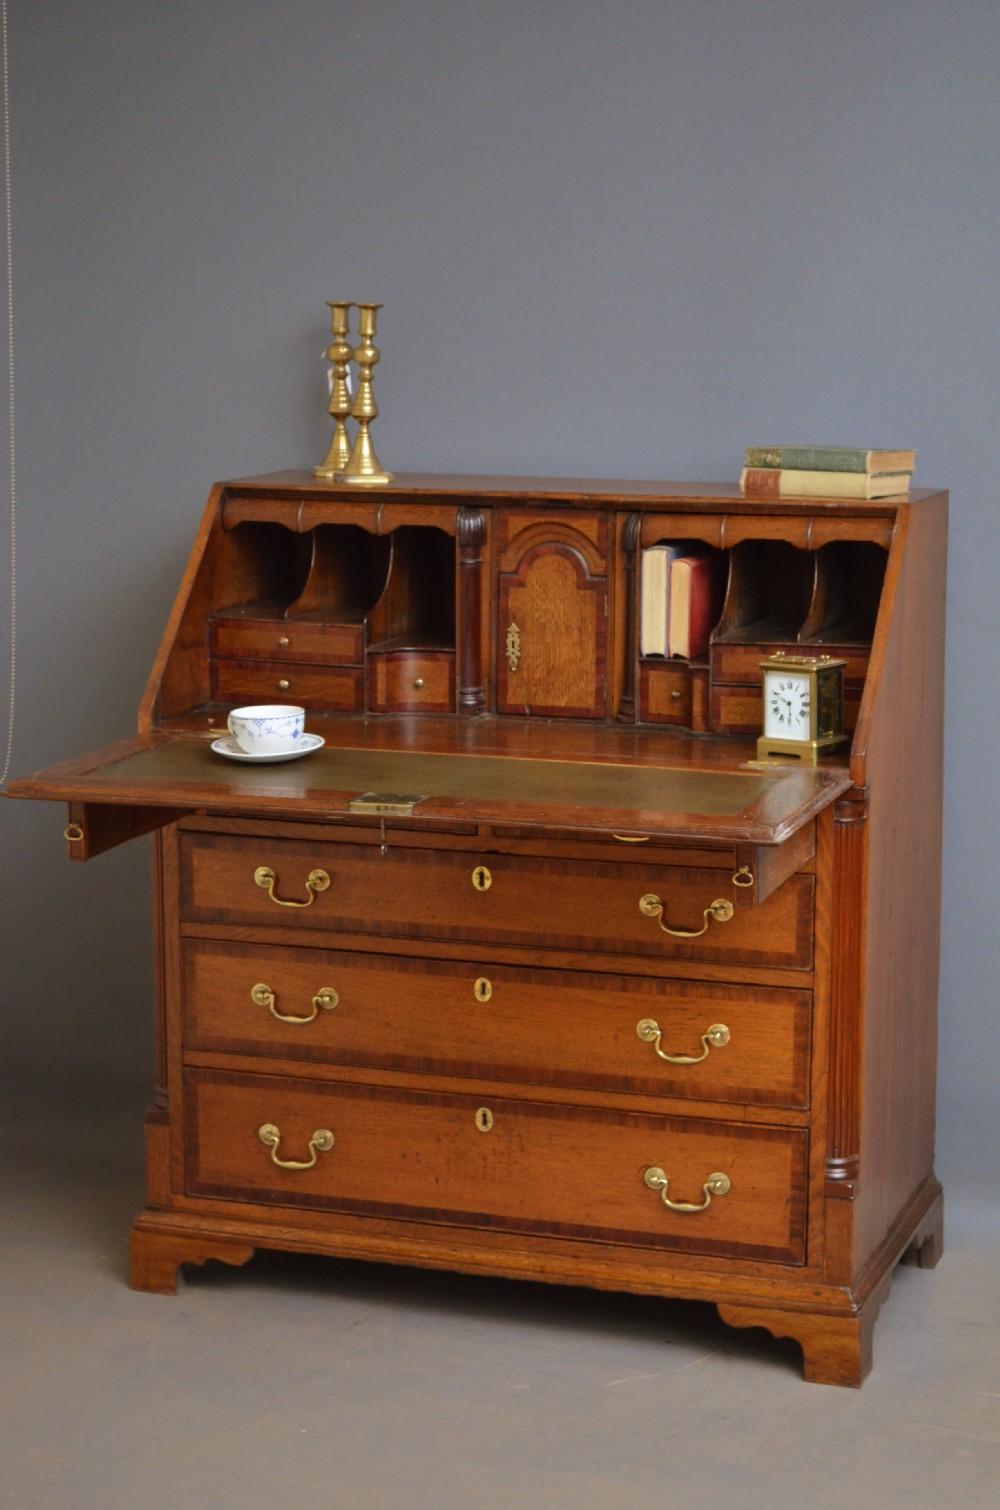 fine georgian oak bureau antique writing desk 373703. Black Bedroom Furniture Sets. Home Design Ideas